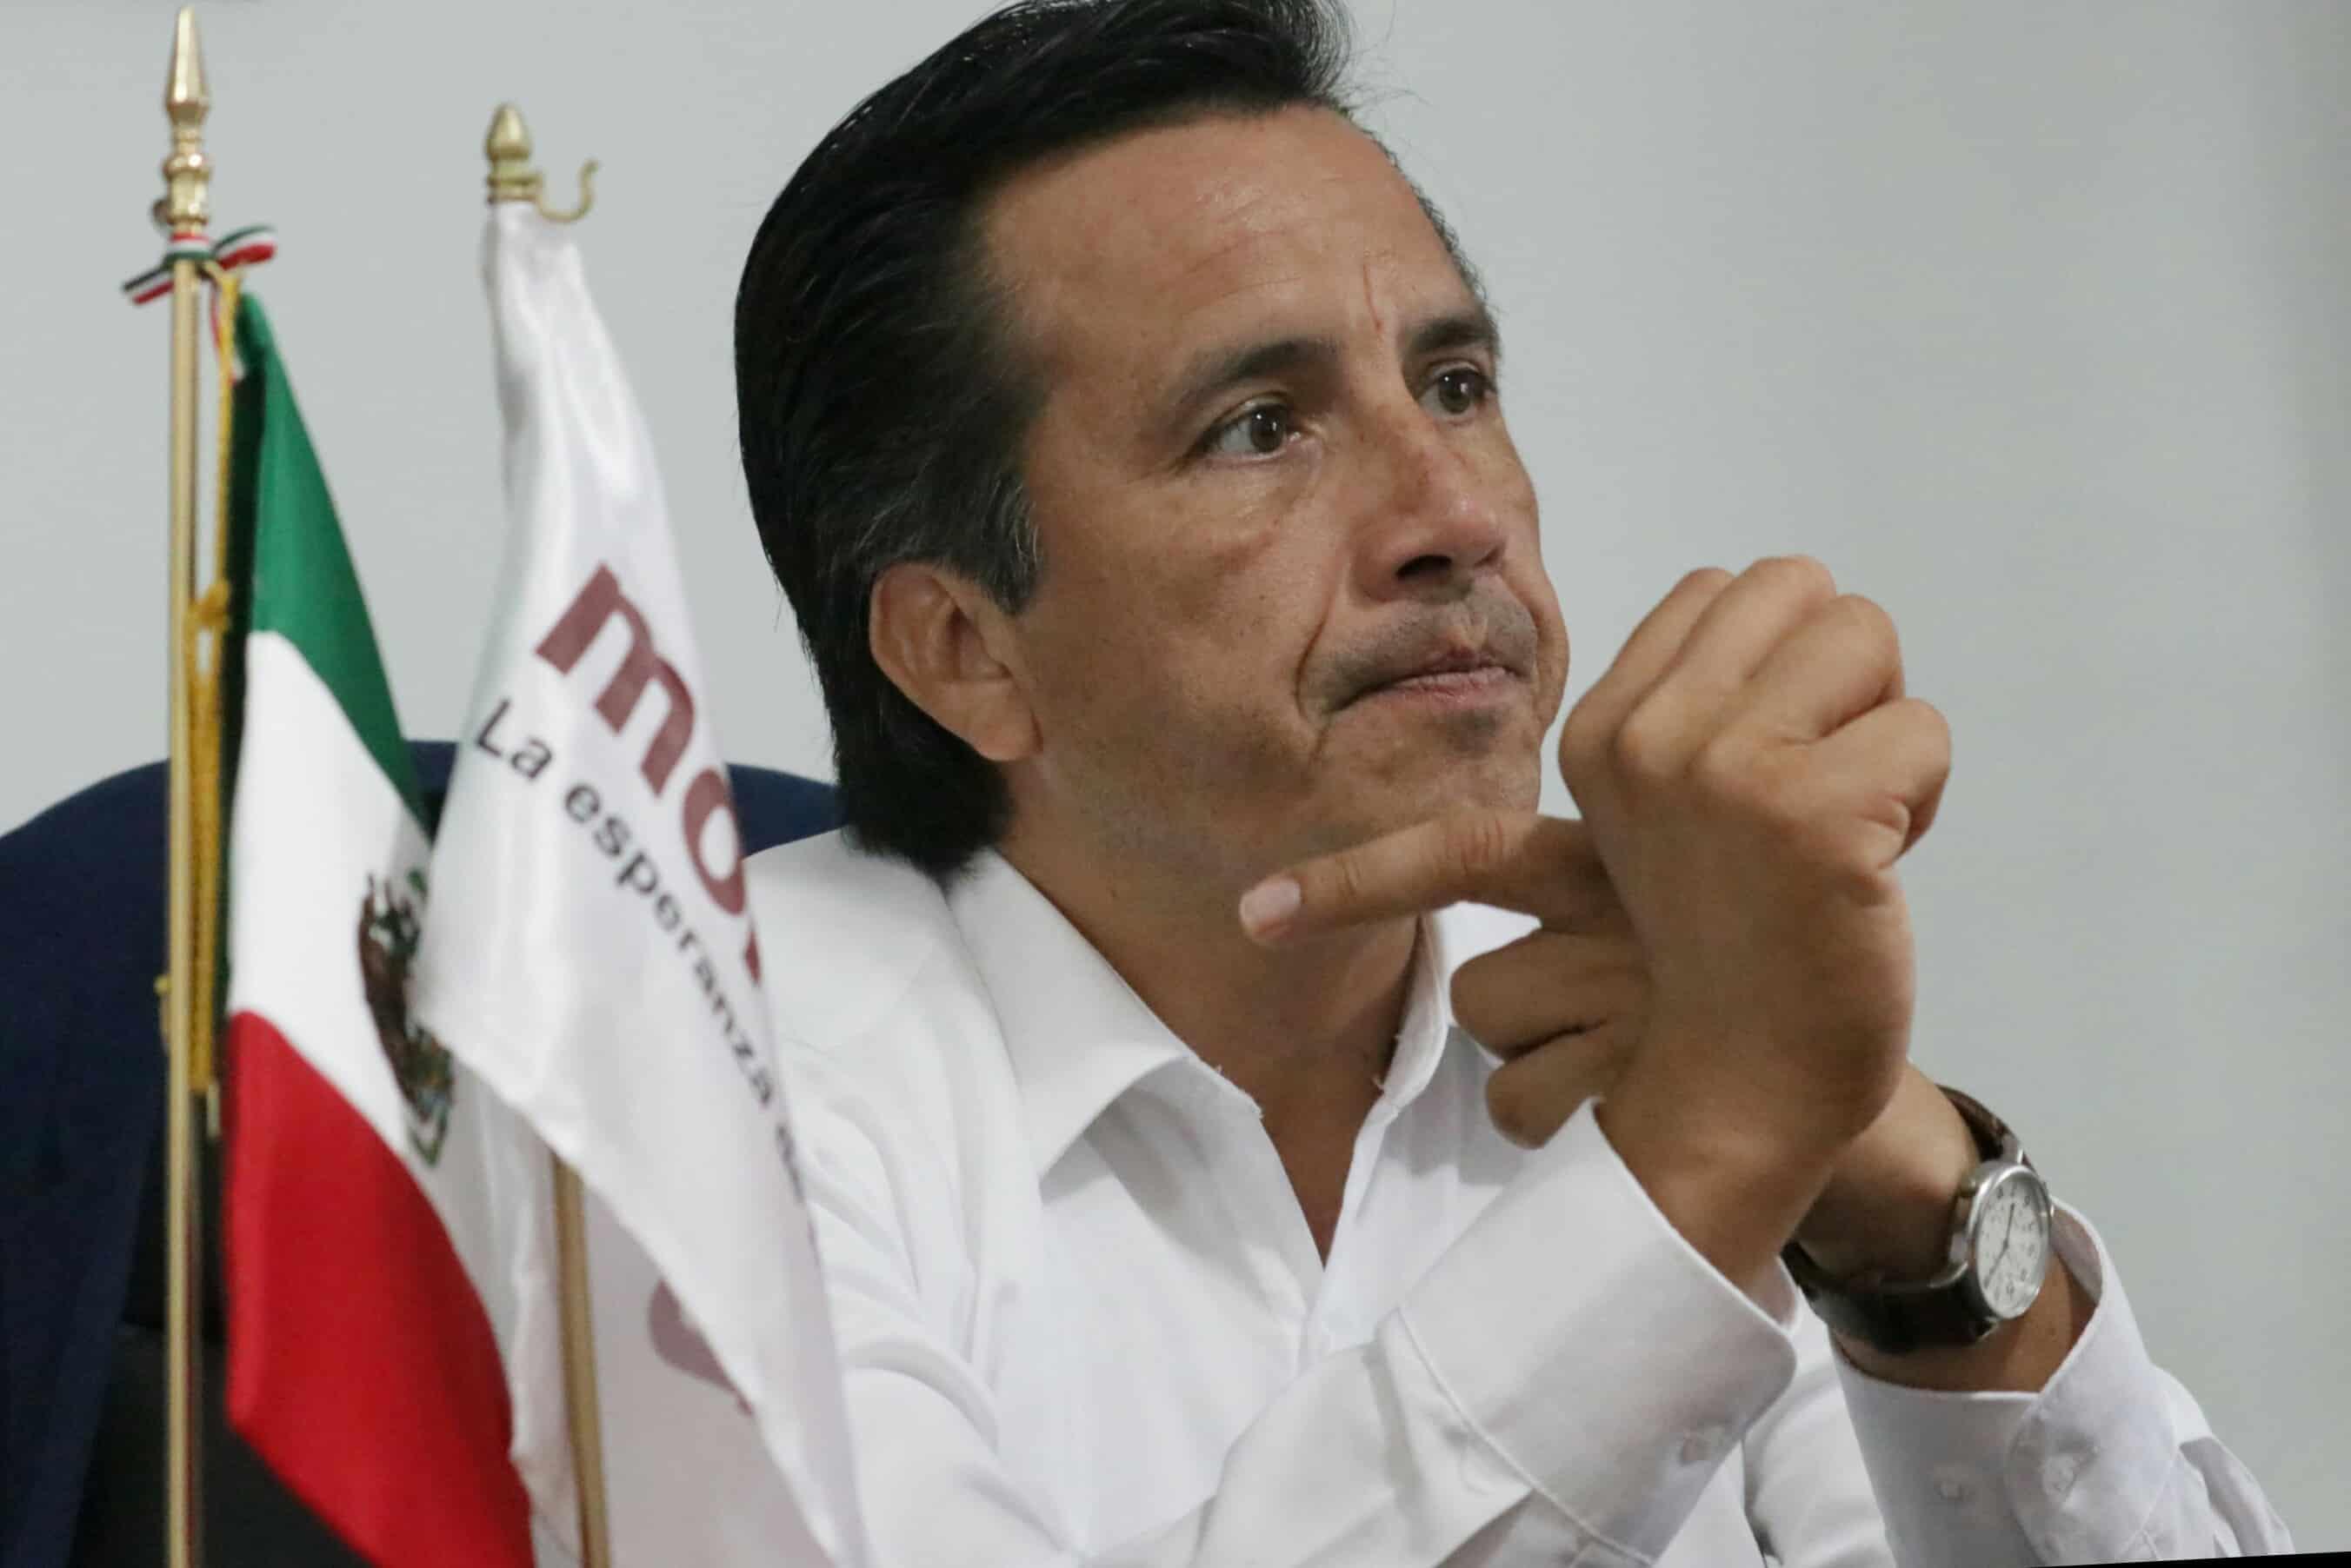 Cuitláhuac embarrado en caso de posible conflicto de interés por medicinas